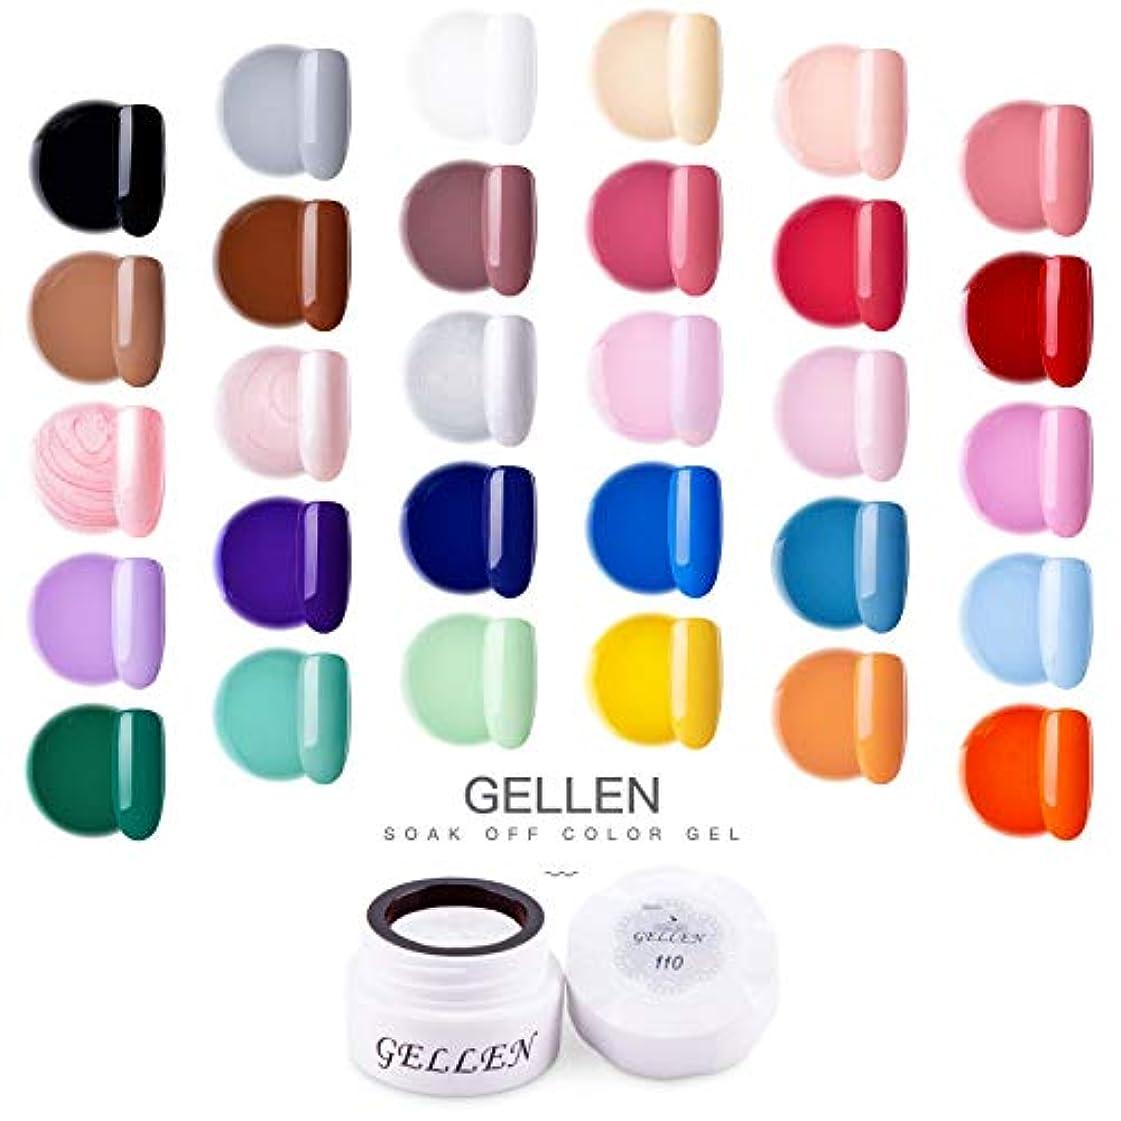 魅惑するエコー好きGellen カラージェル 30色定番カラー セット 高品質 5g ジェルネイル カラー ネイルブラシ付き